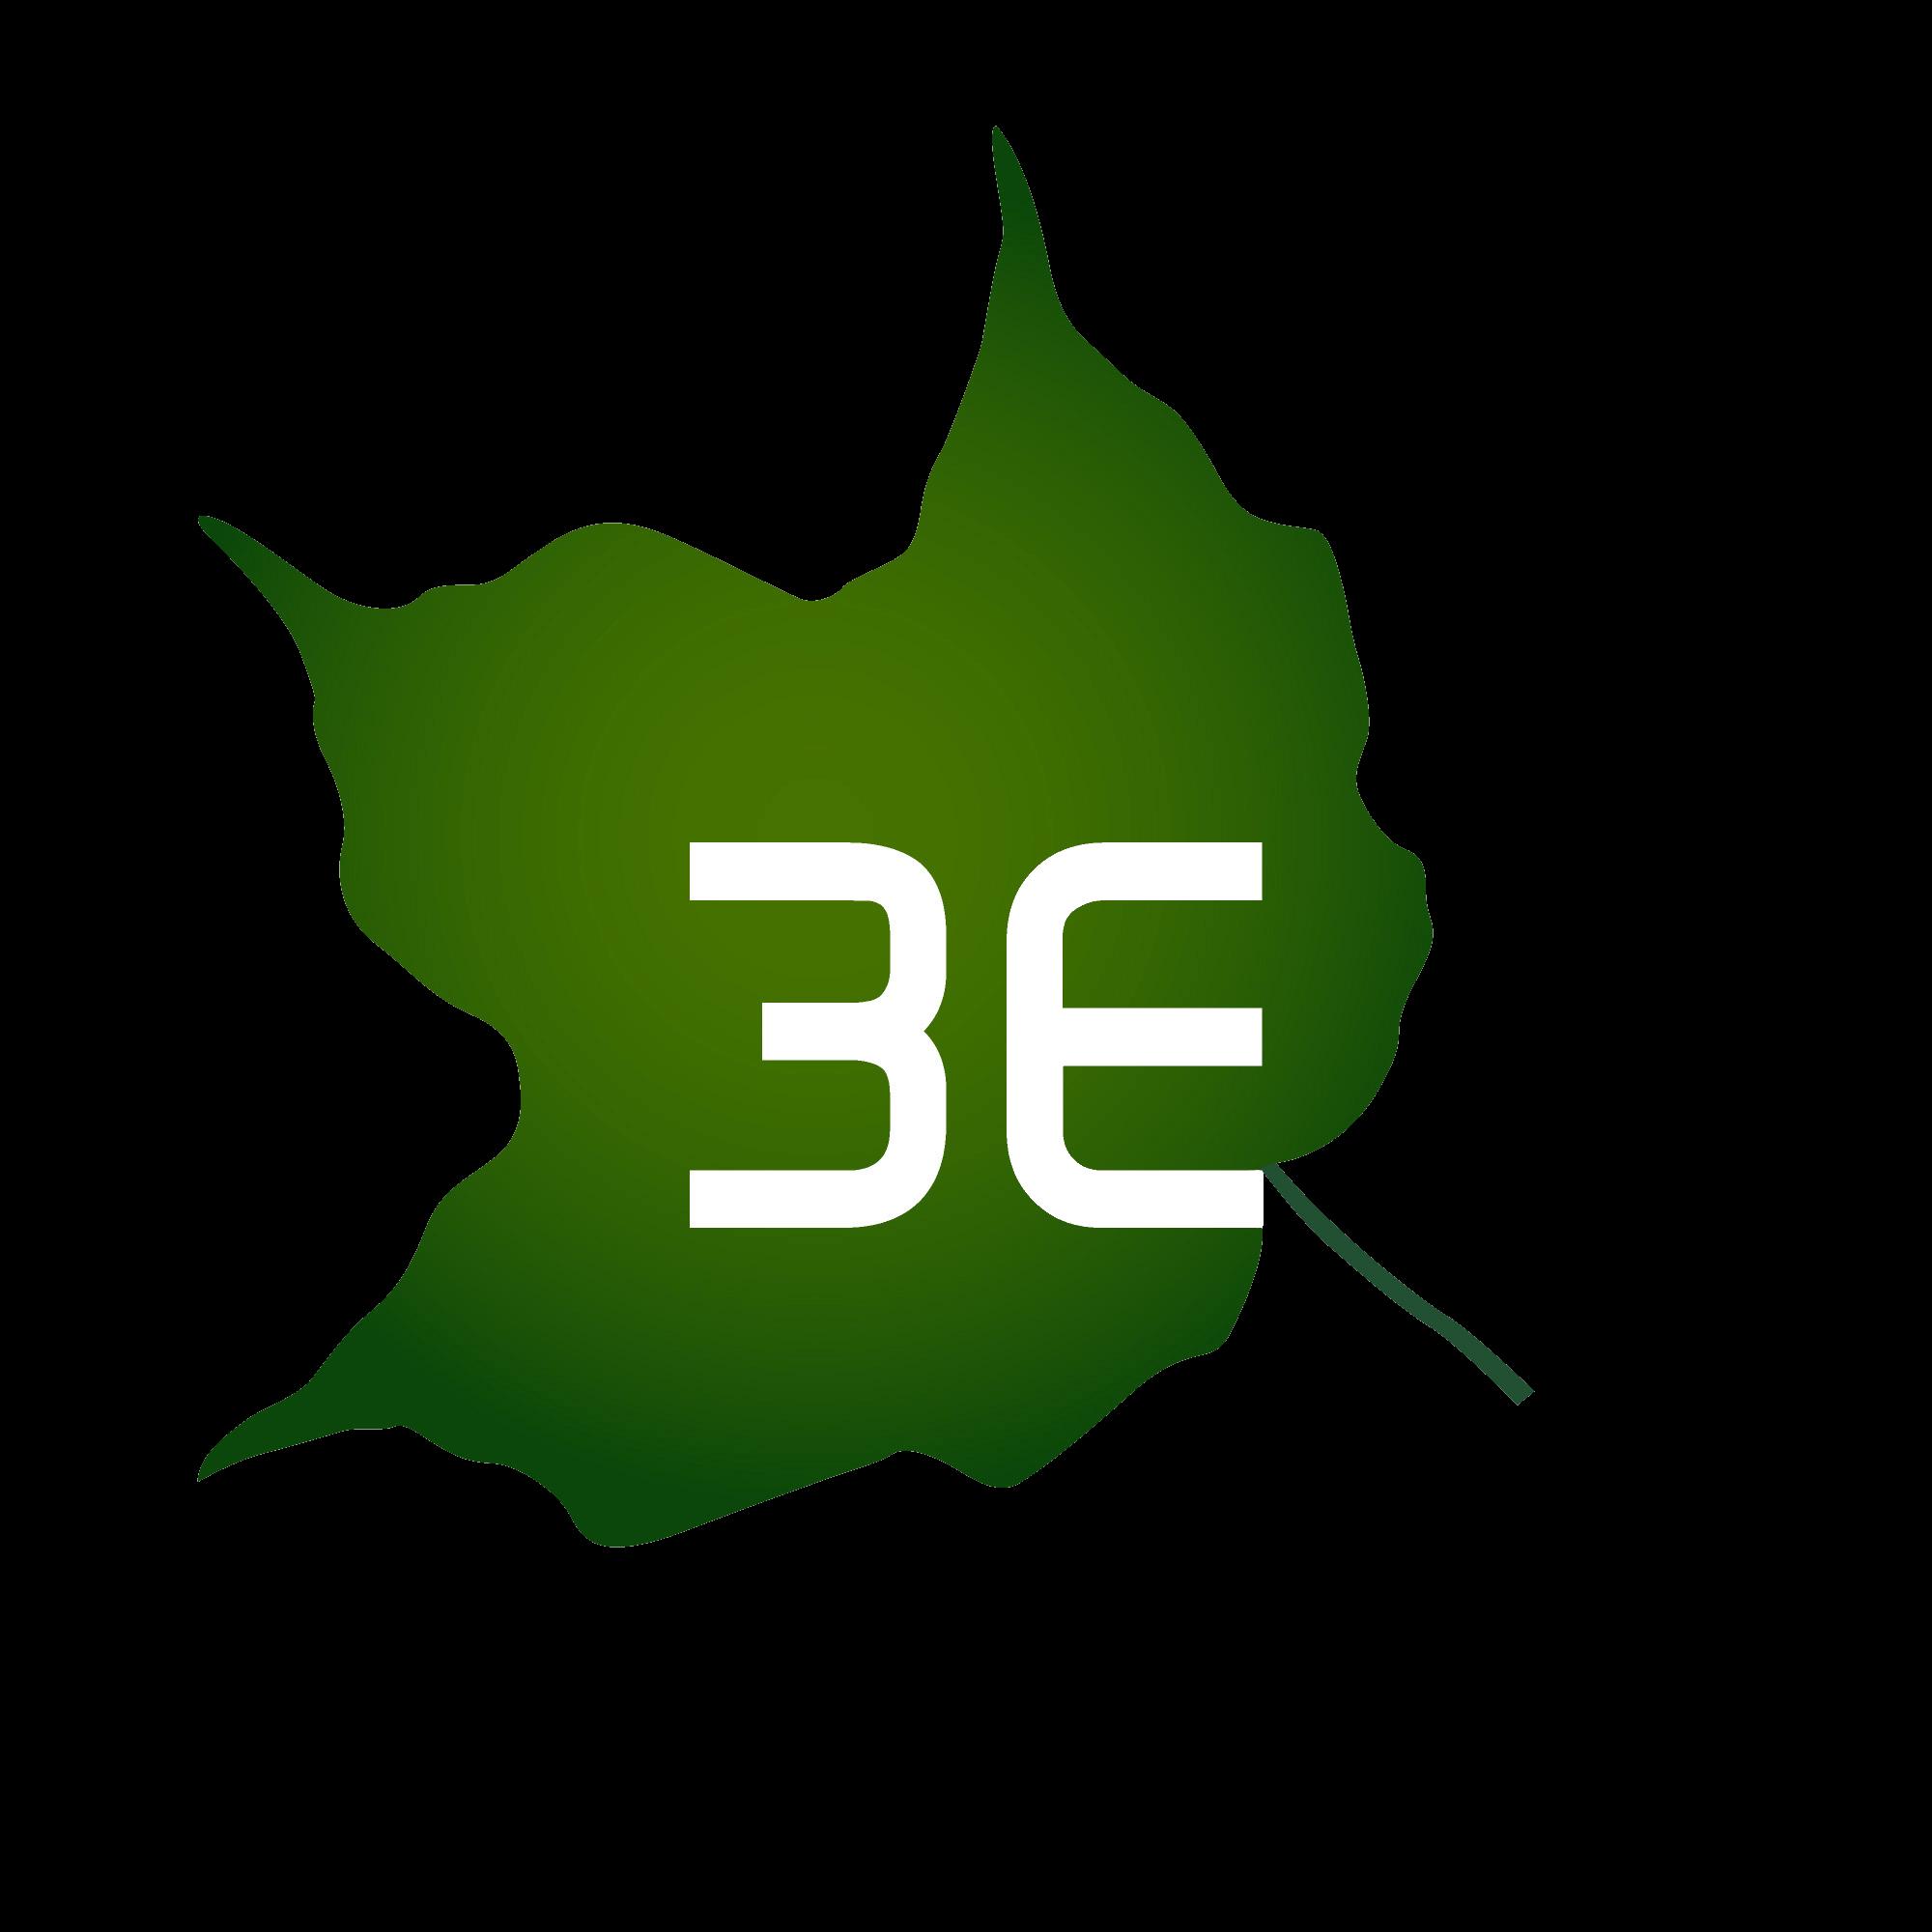 3E image